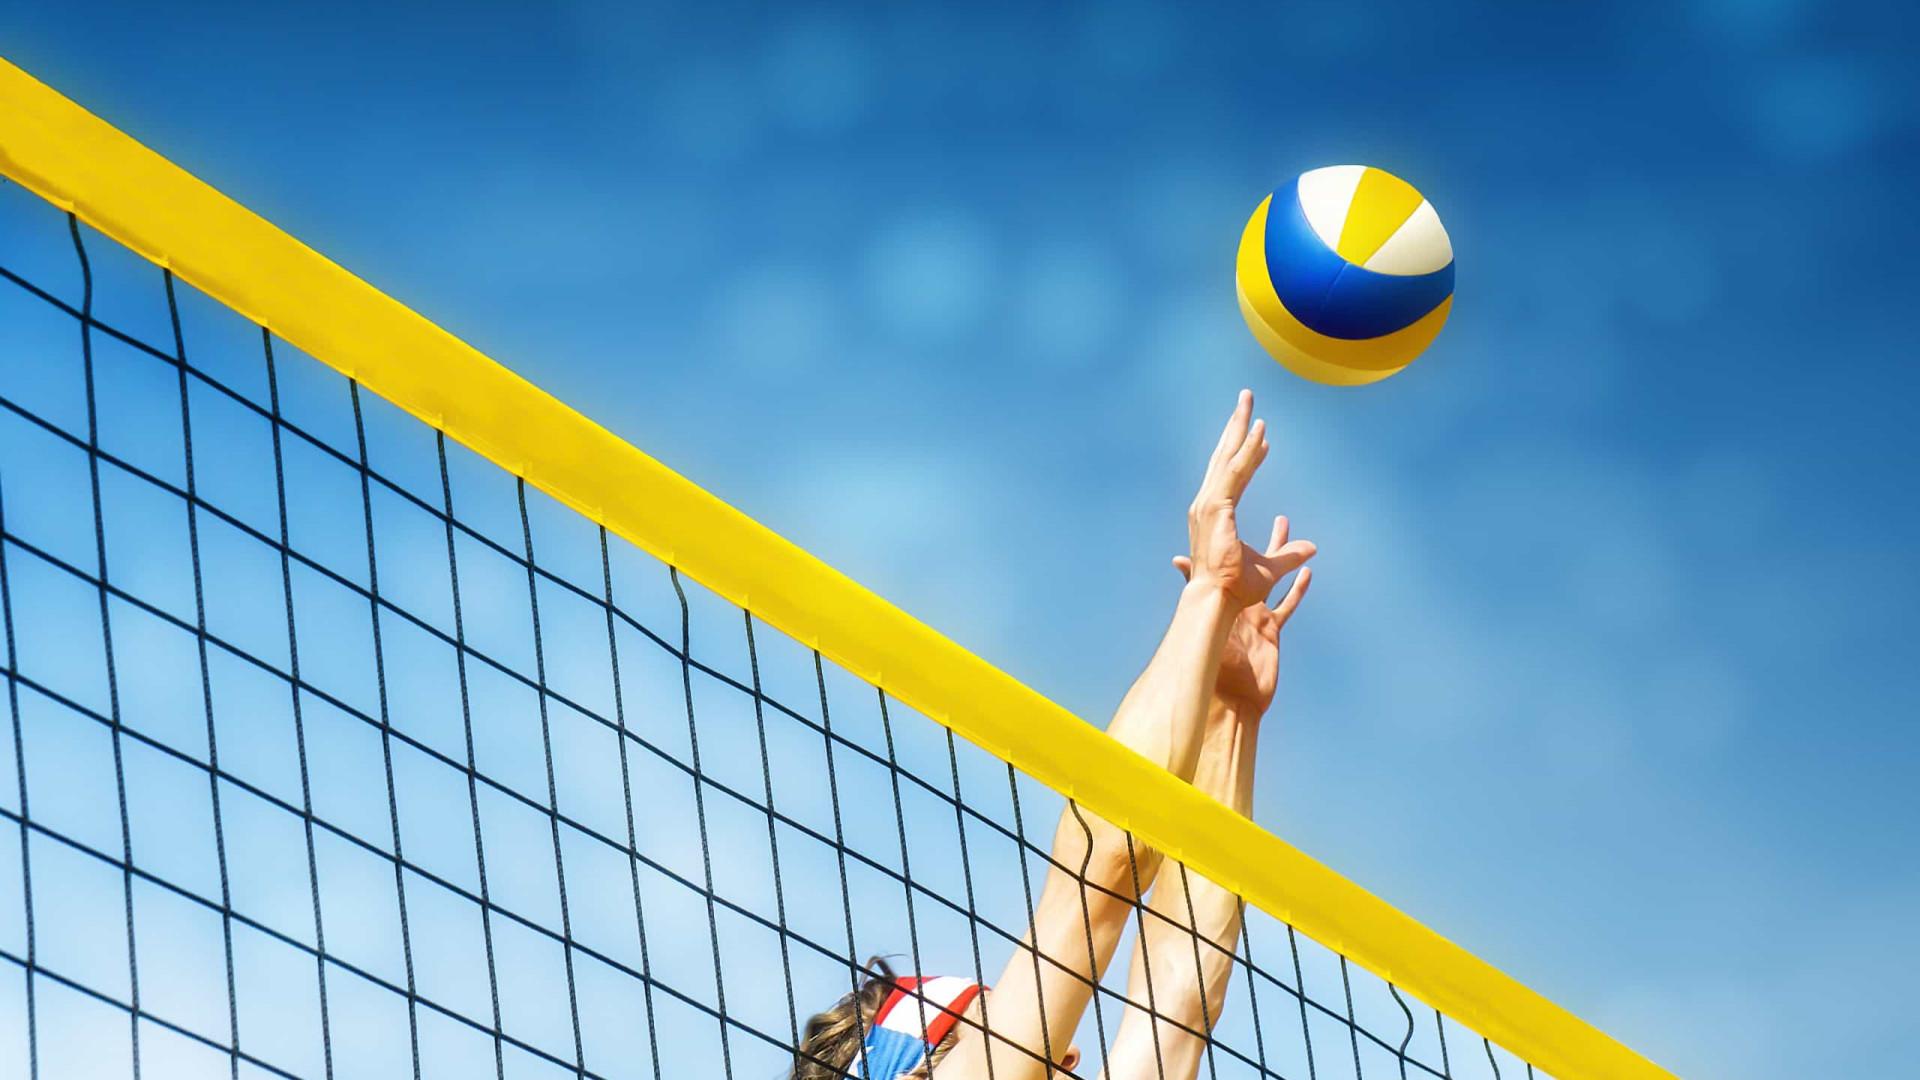 Vôlei de Praia: novas duplas e parcerias olímpicas jogam no RJ